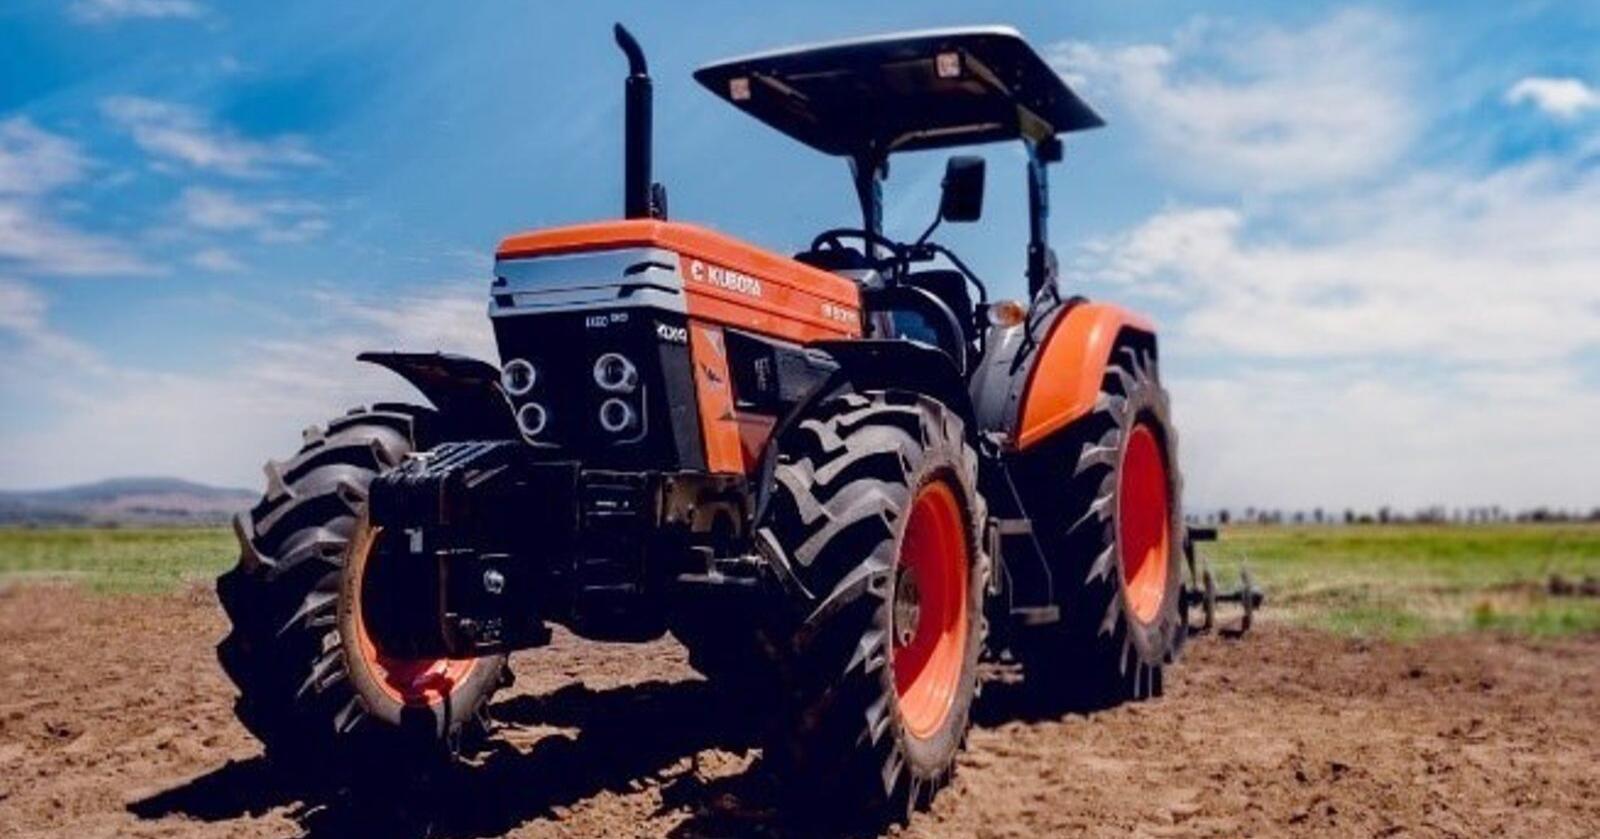 Kubota Escort- traktorene er teknisk enklere saker enn hva vi er vant til her på berget. (Foto: Kubota Corporation)